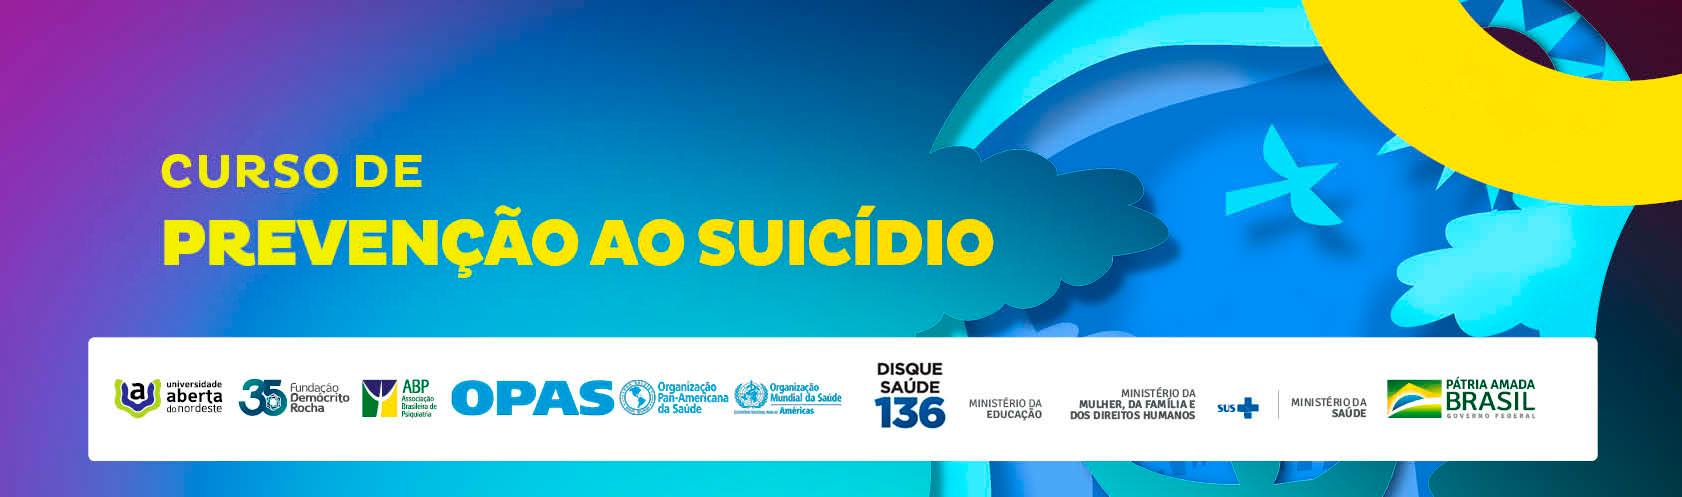 Course Image PREVENÇÃO AO SUICÍDIO - 2021.1